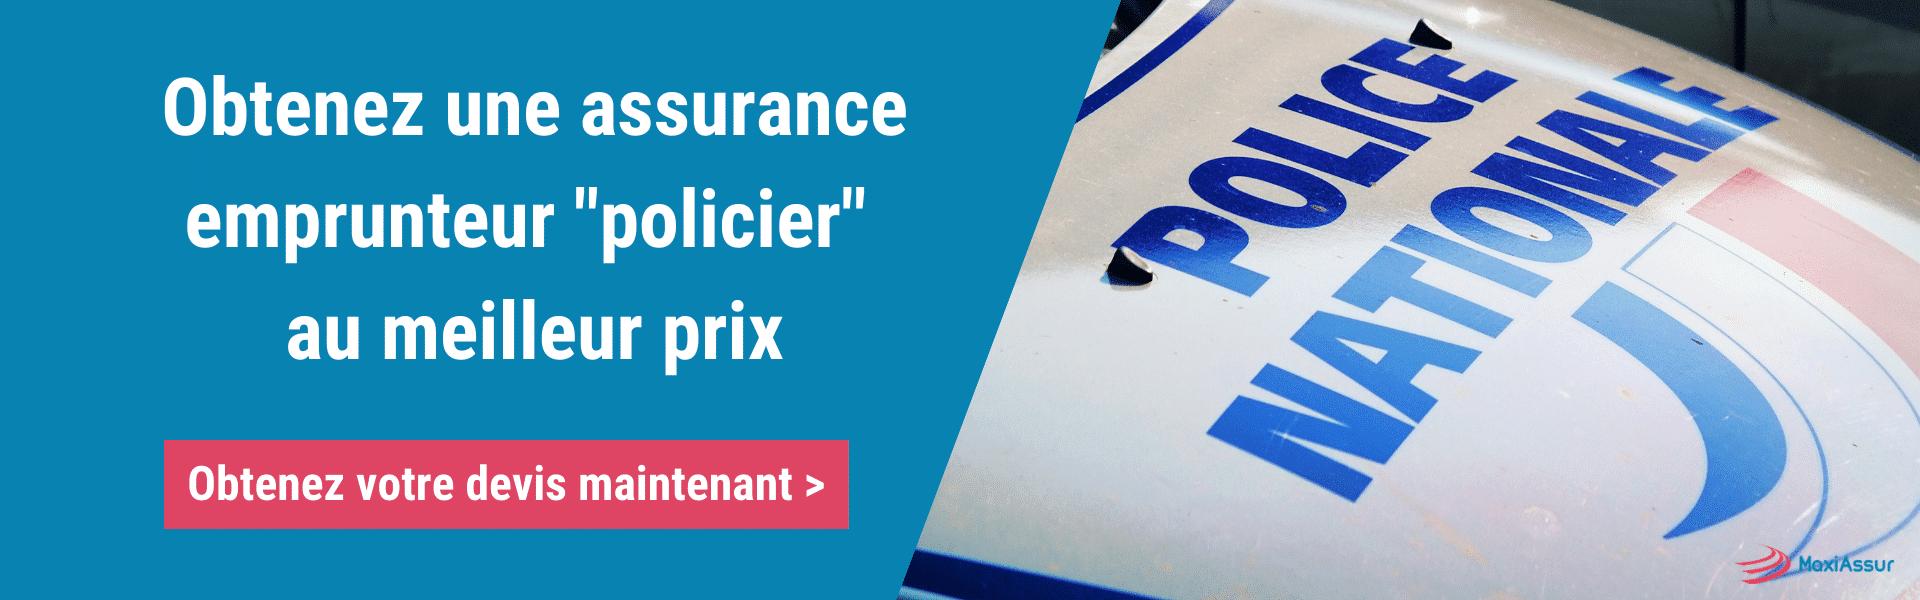 Trouver assurance emprunteur policier